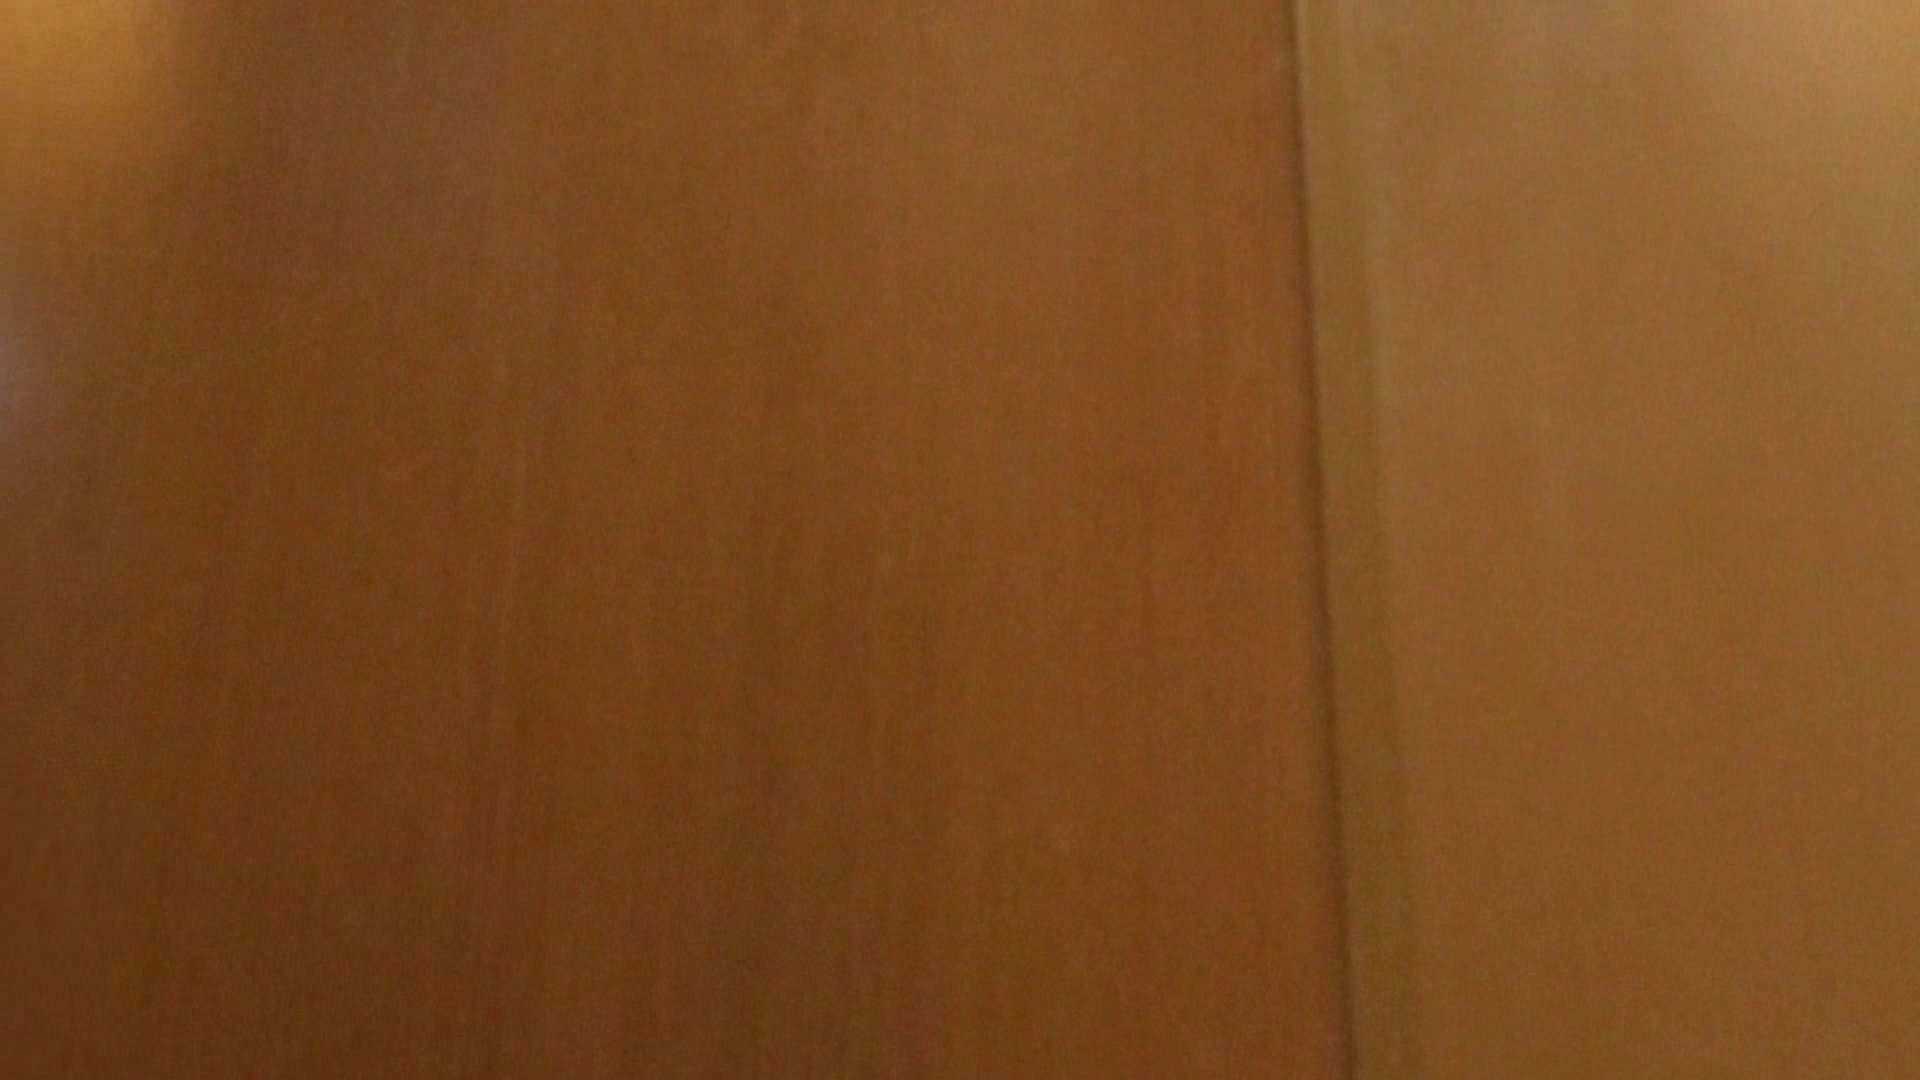 「噂」の国の厠観察日記2 Vol.02 人気シリーズ AV無料動画キャプチャ 96枚 92